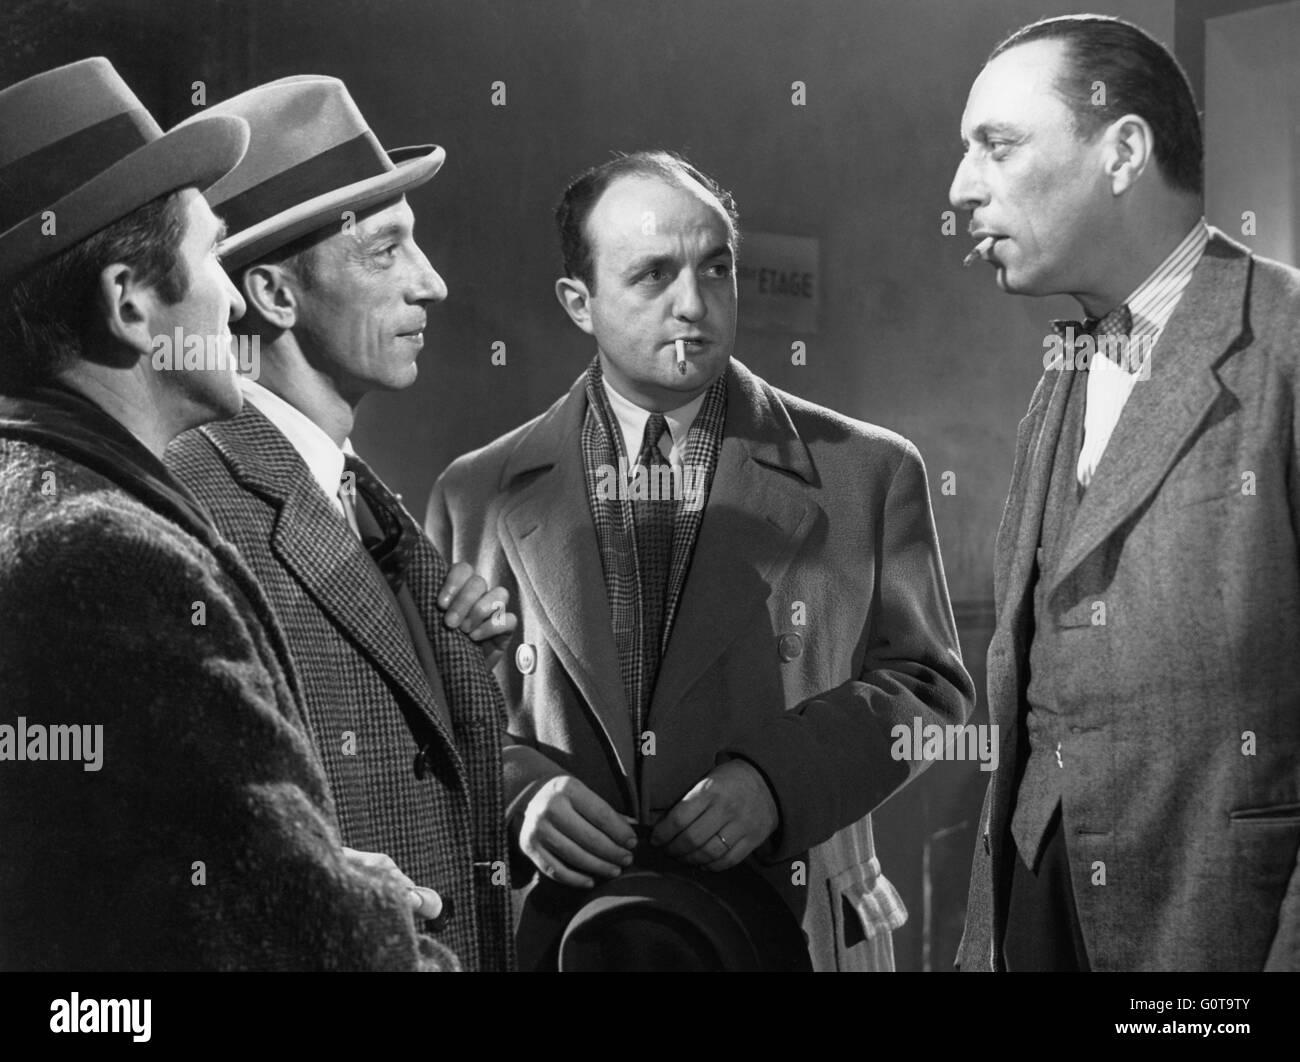 Paul Demange, Raymond Bussières, Bernard Blier et Louis Jouvet / Quai des Orfèvres / 1947 réalisé par Henri-Georges Banque D'Images